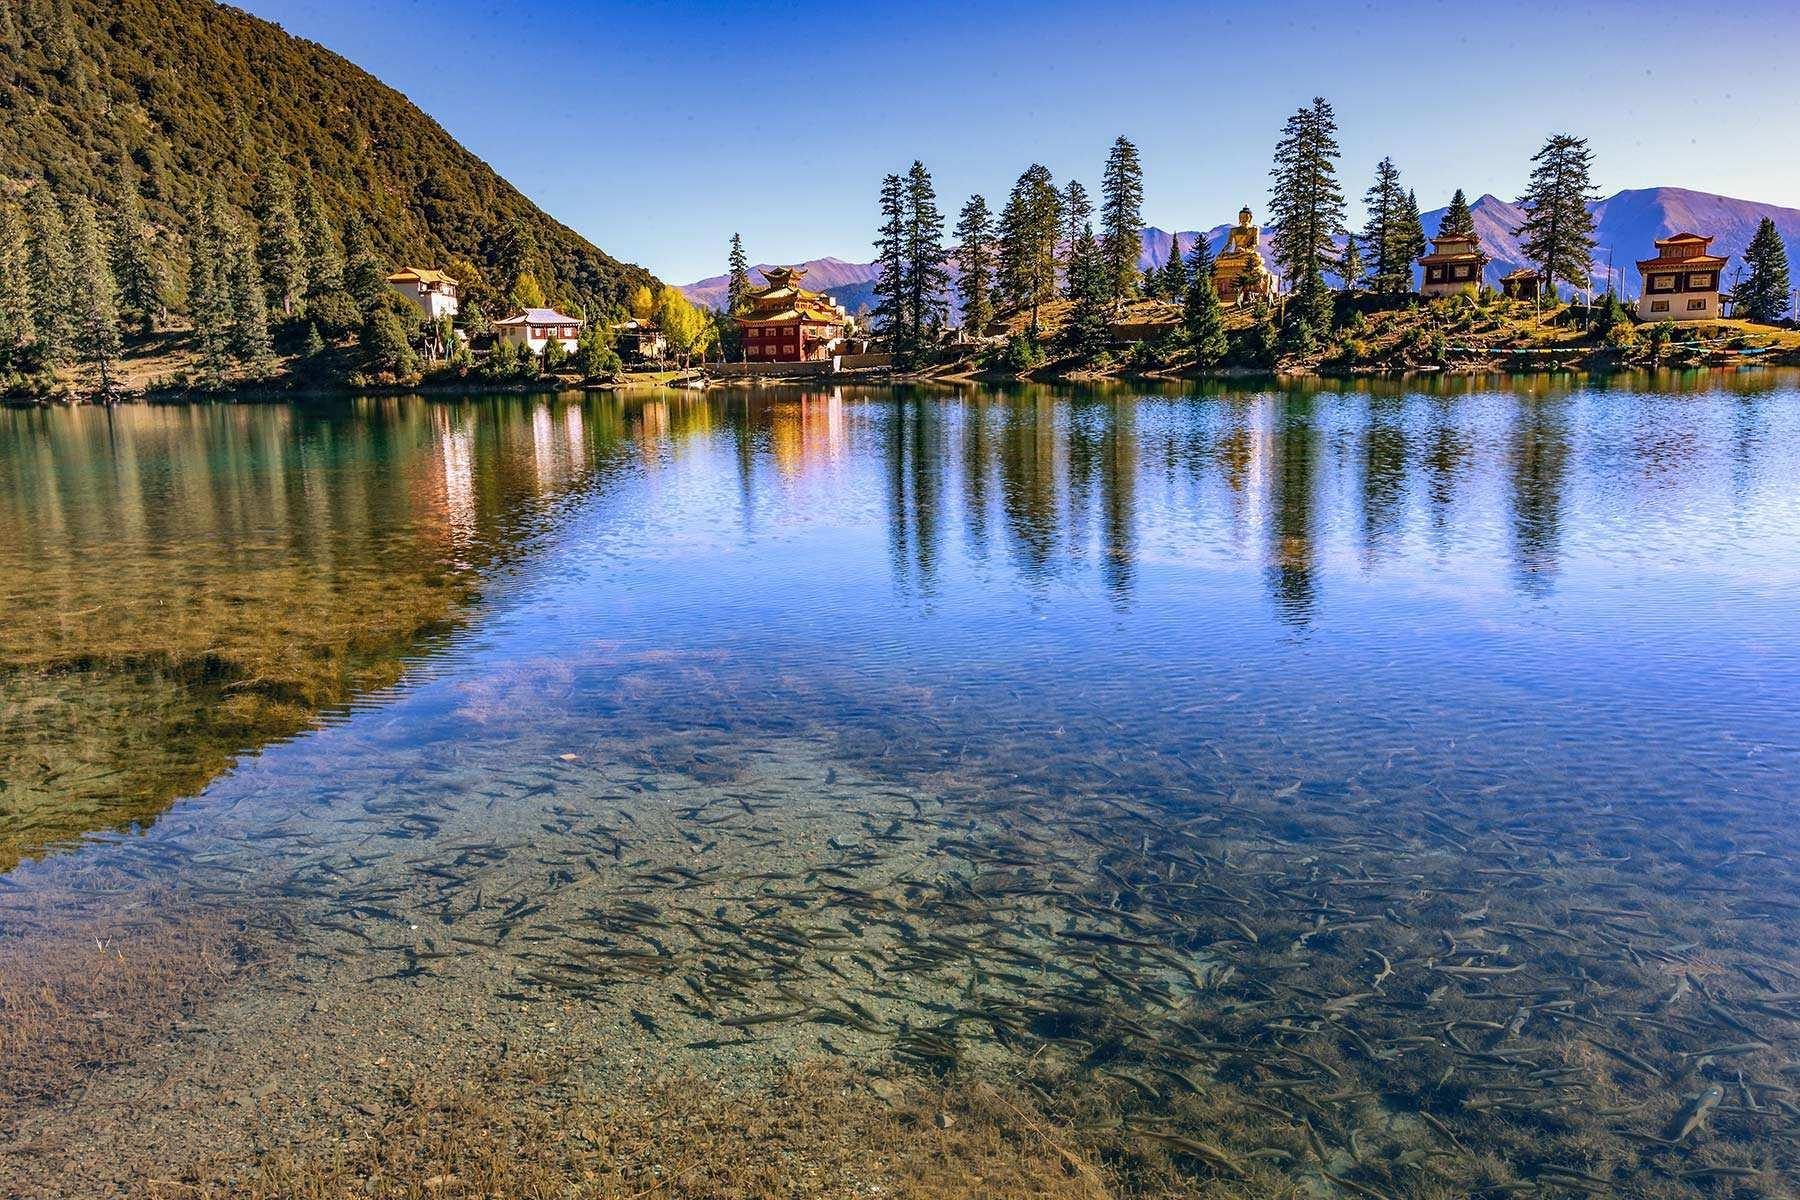 川西措卡湖——一个隐藏的九天瑶池